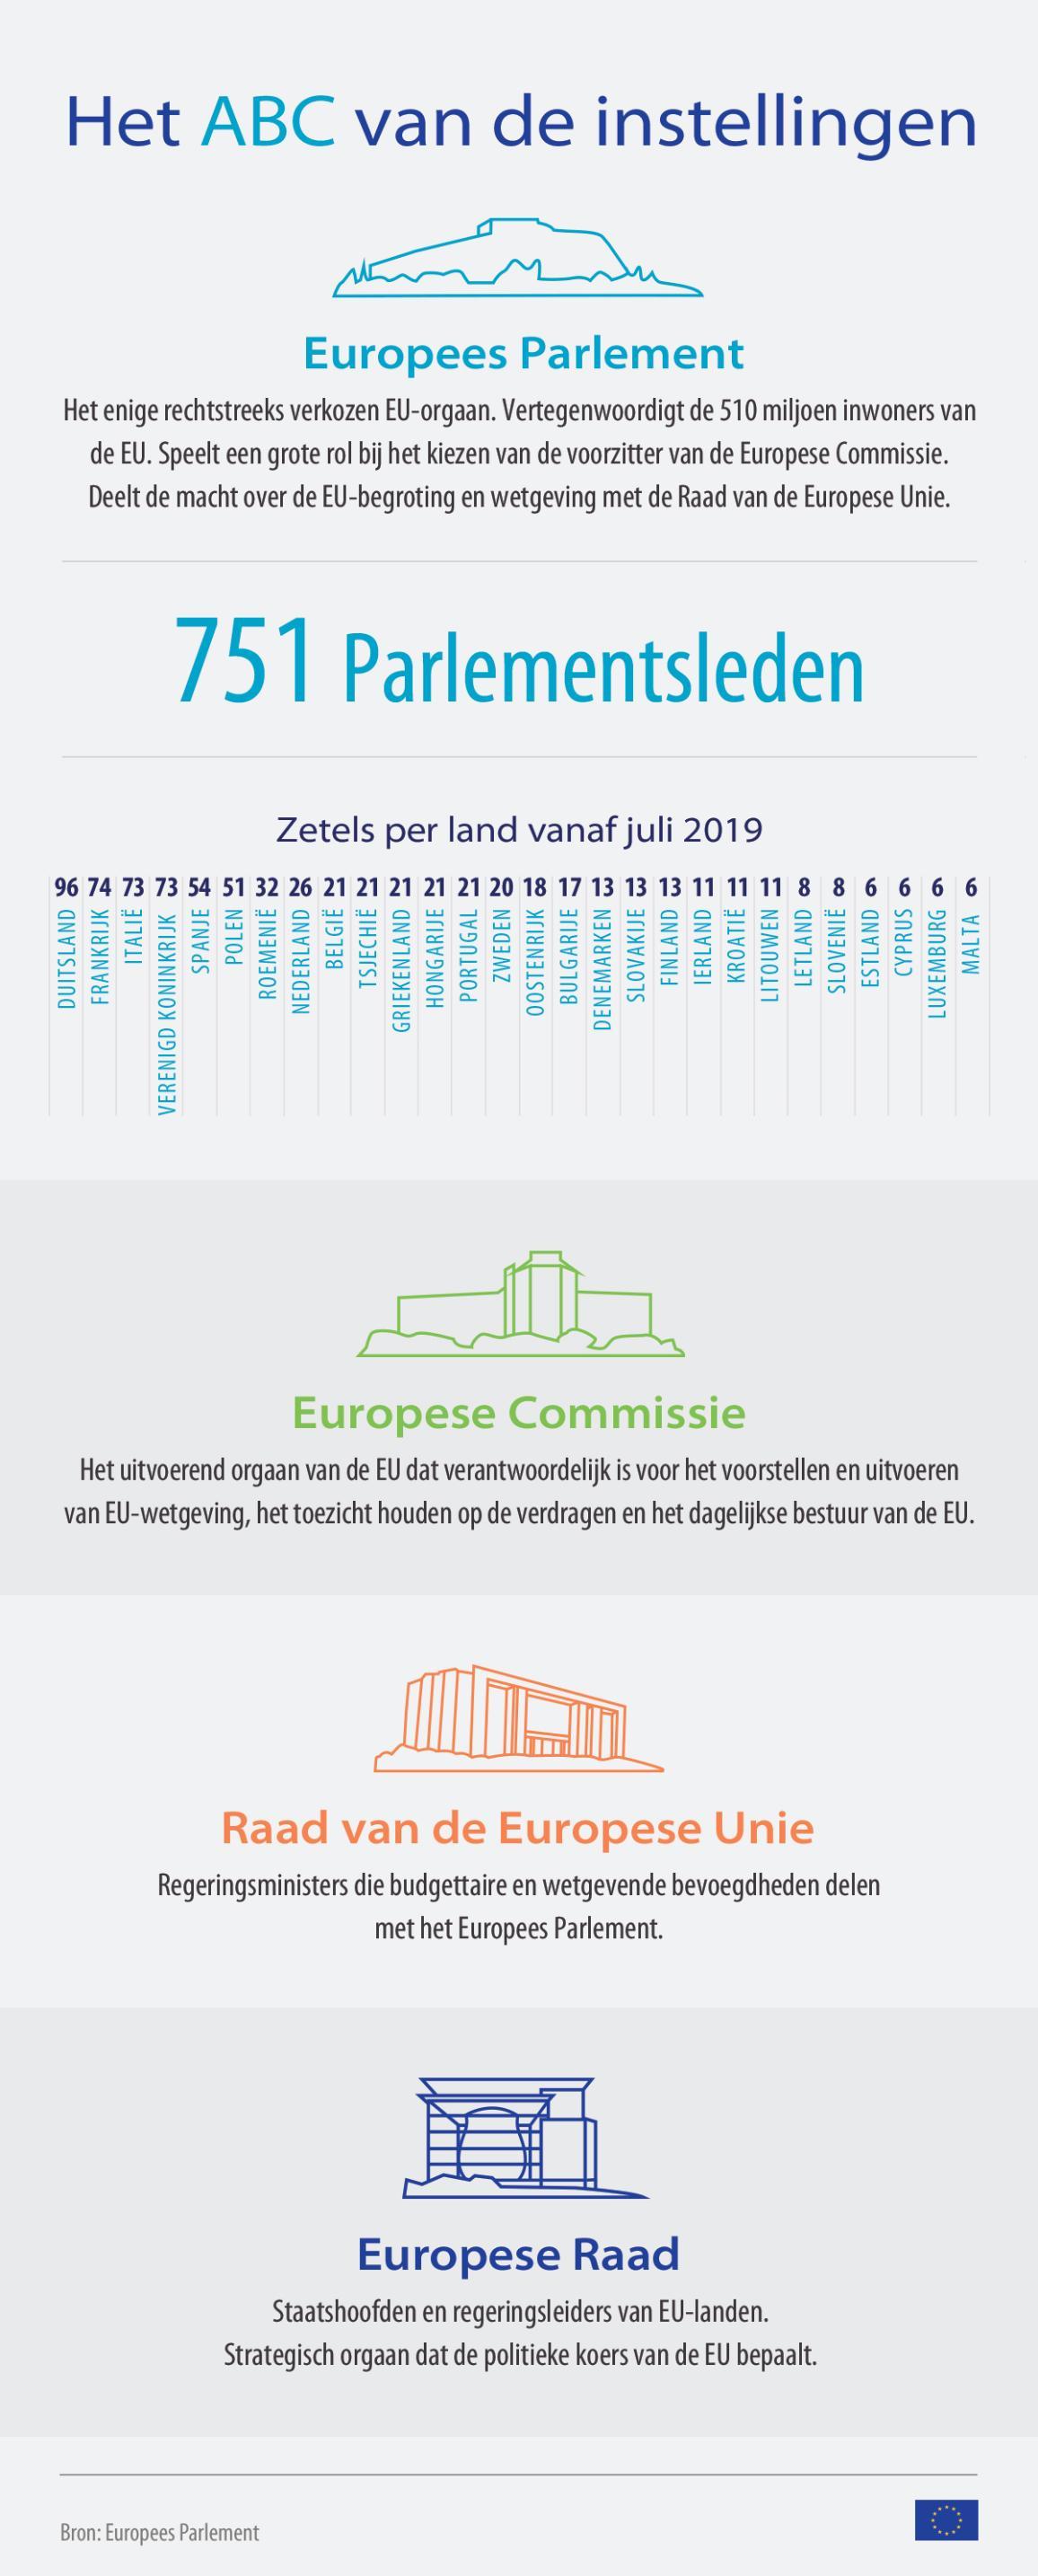 Infografiek over de Europese instellingen.